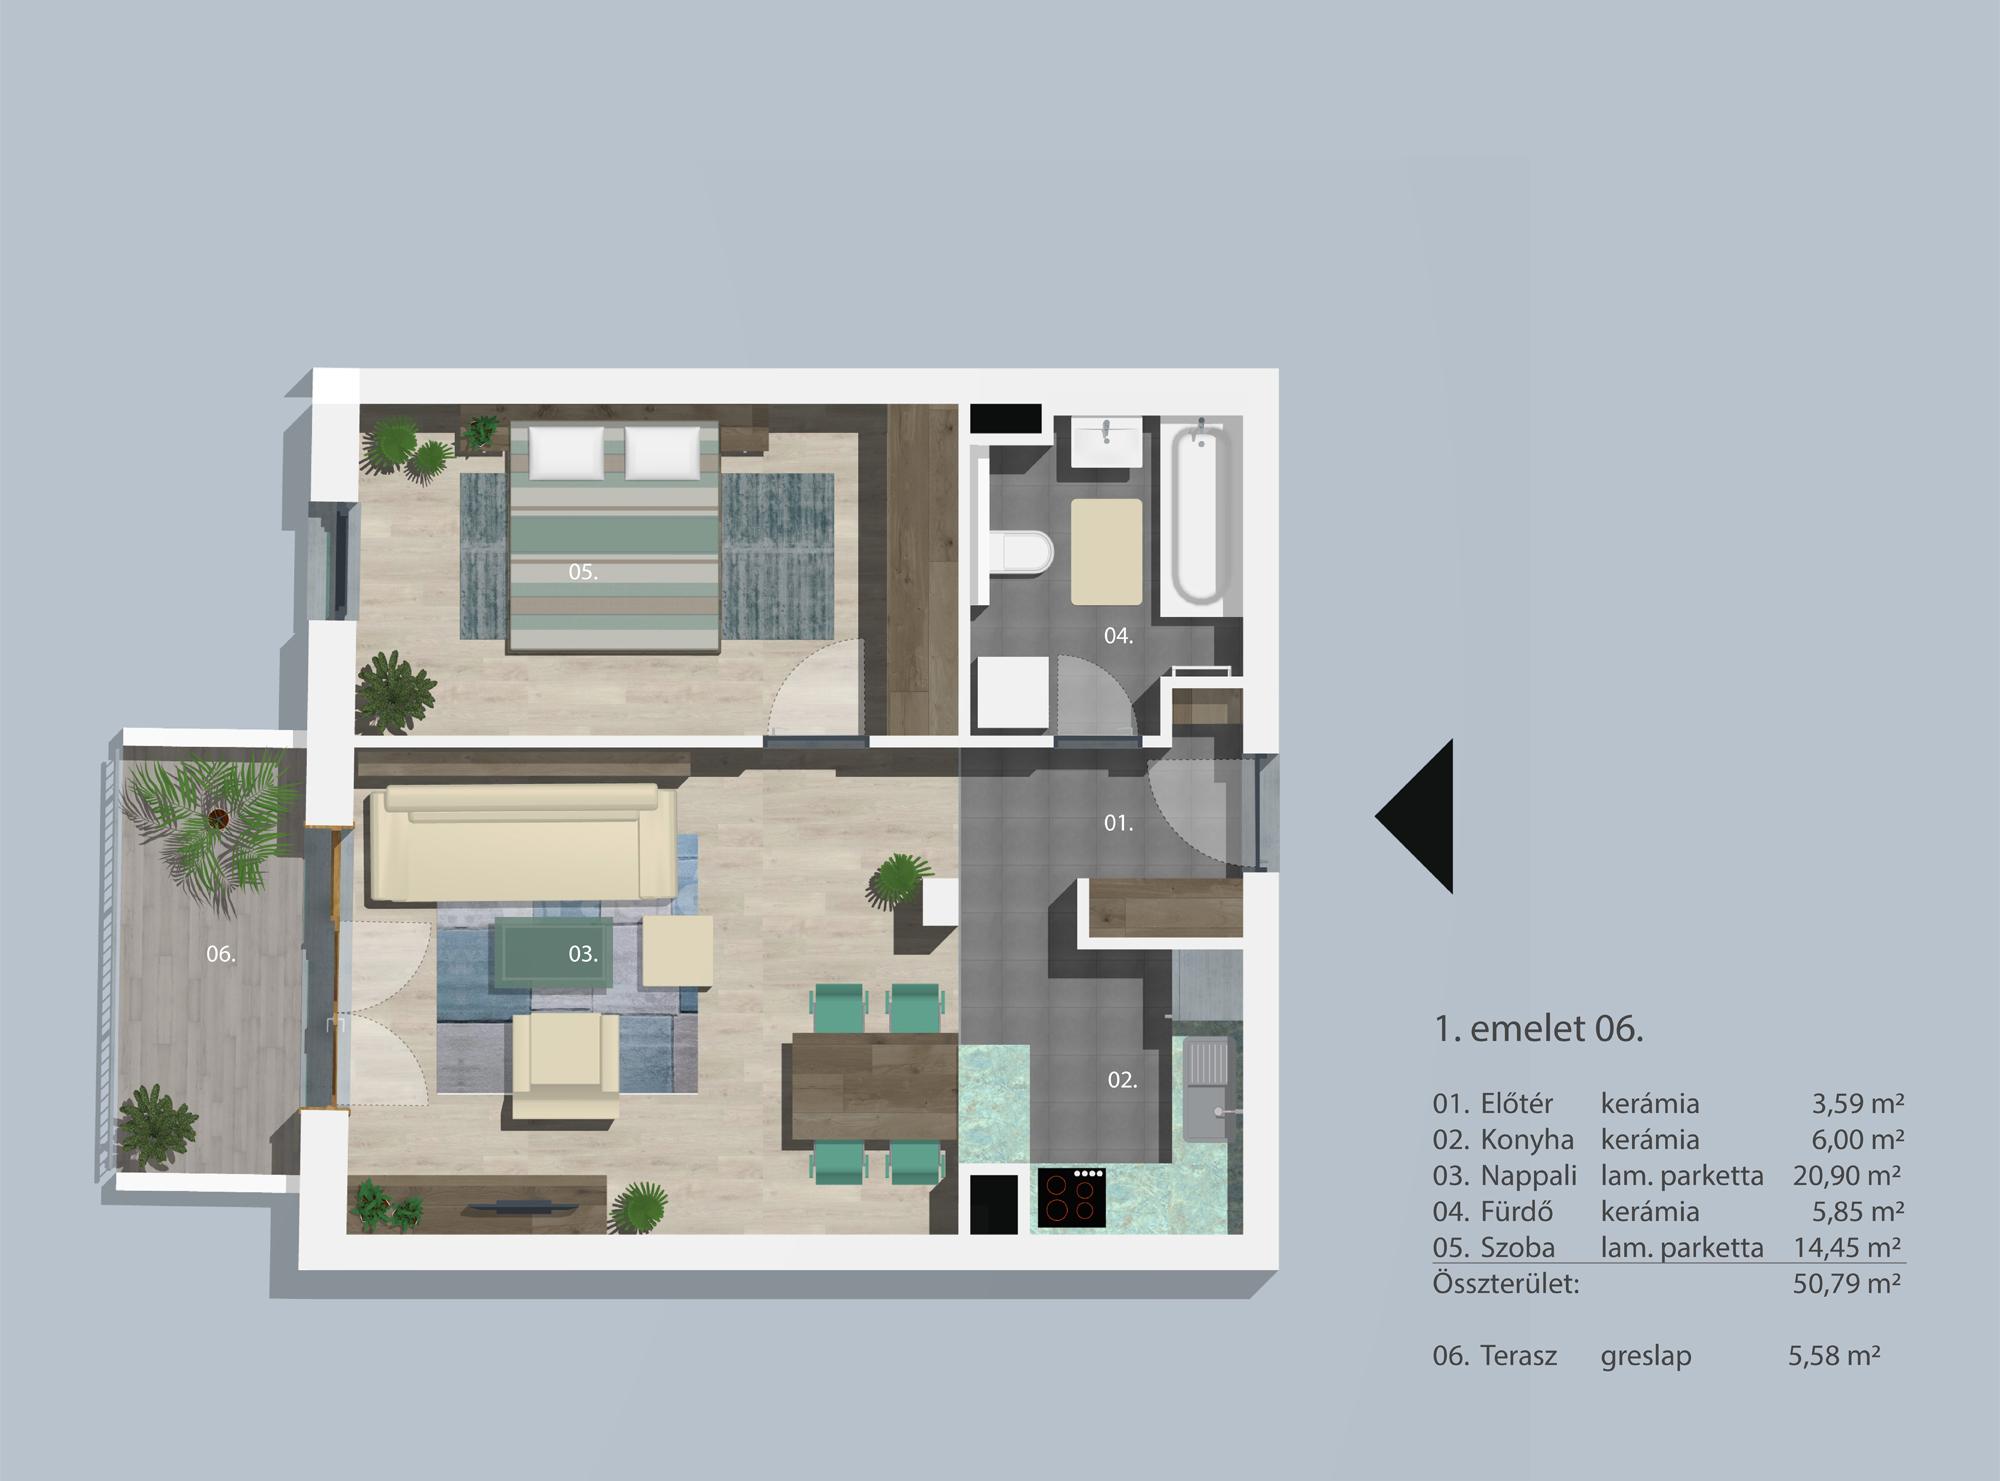 Kucsma 12 – I. emelet 6